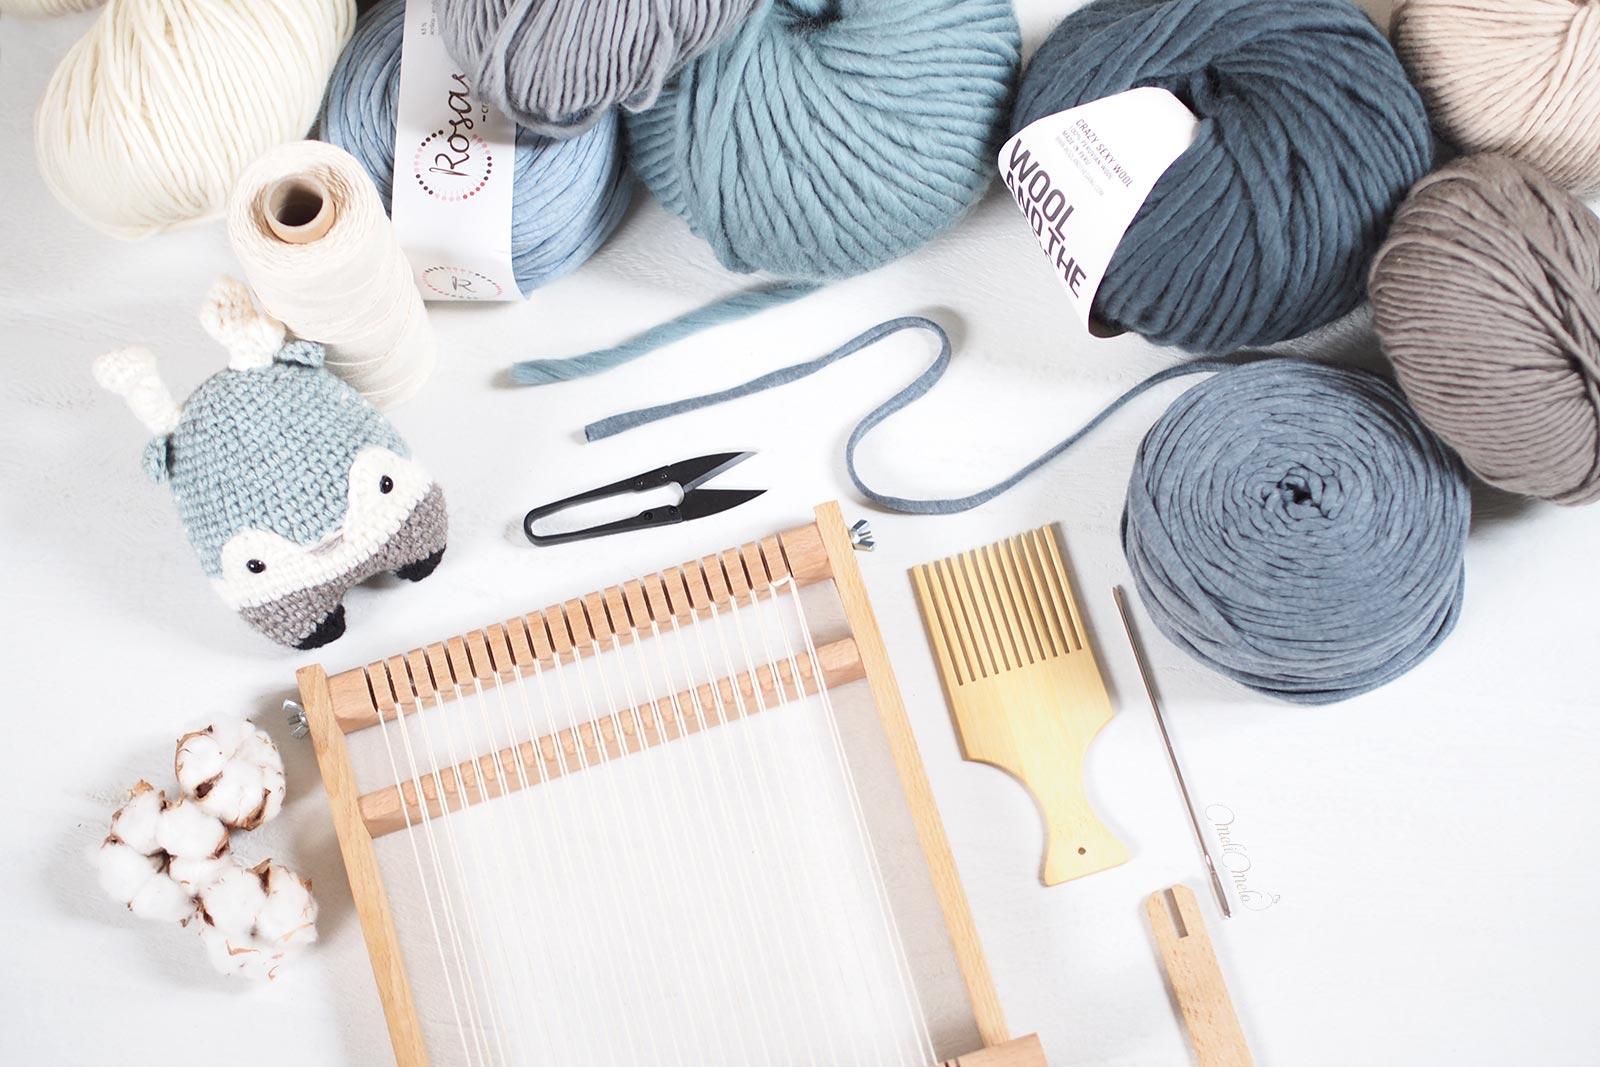 tissage laine Fleur de coton qutuun bleu Lalylala Heinz cerf crochet laboutiquedemelimelo